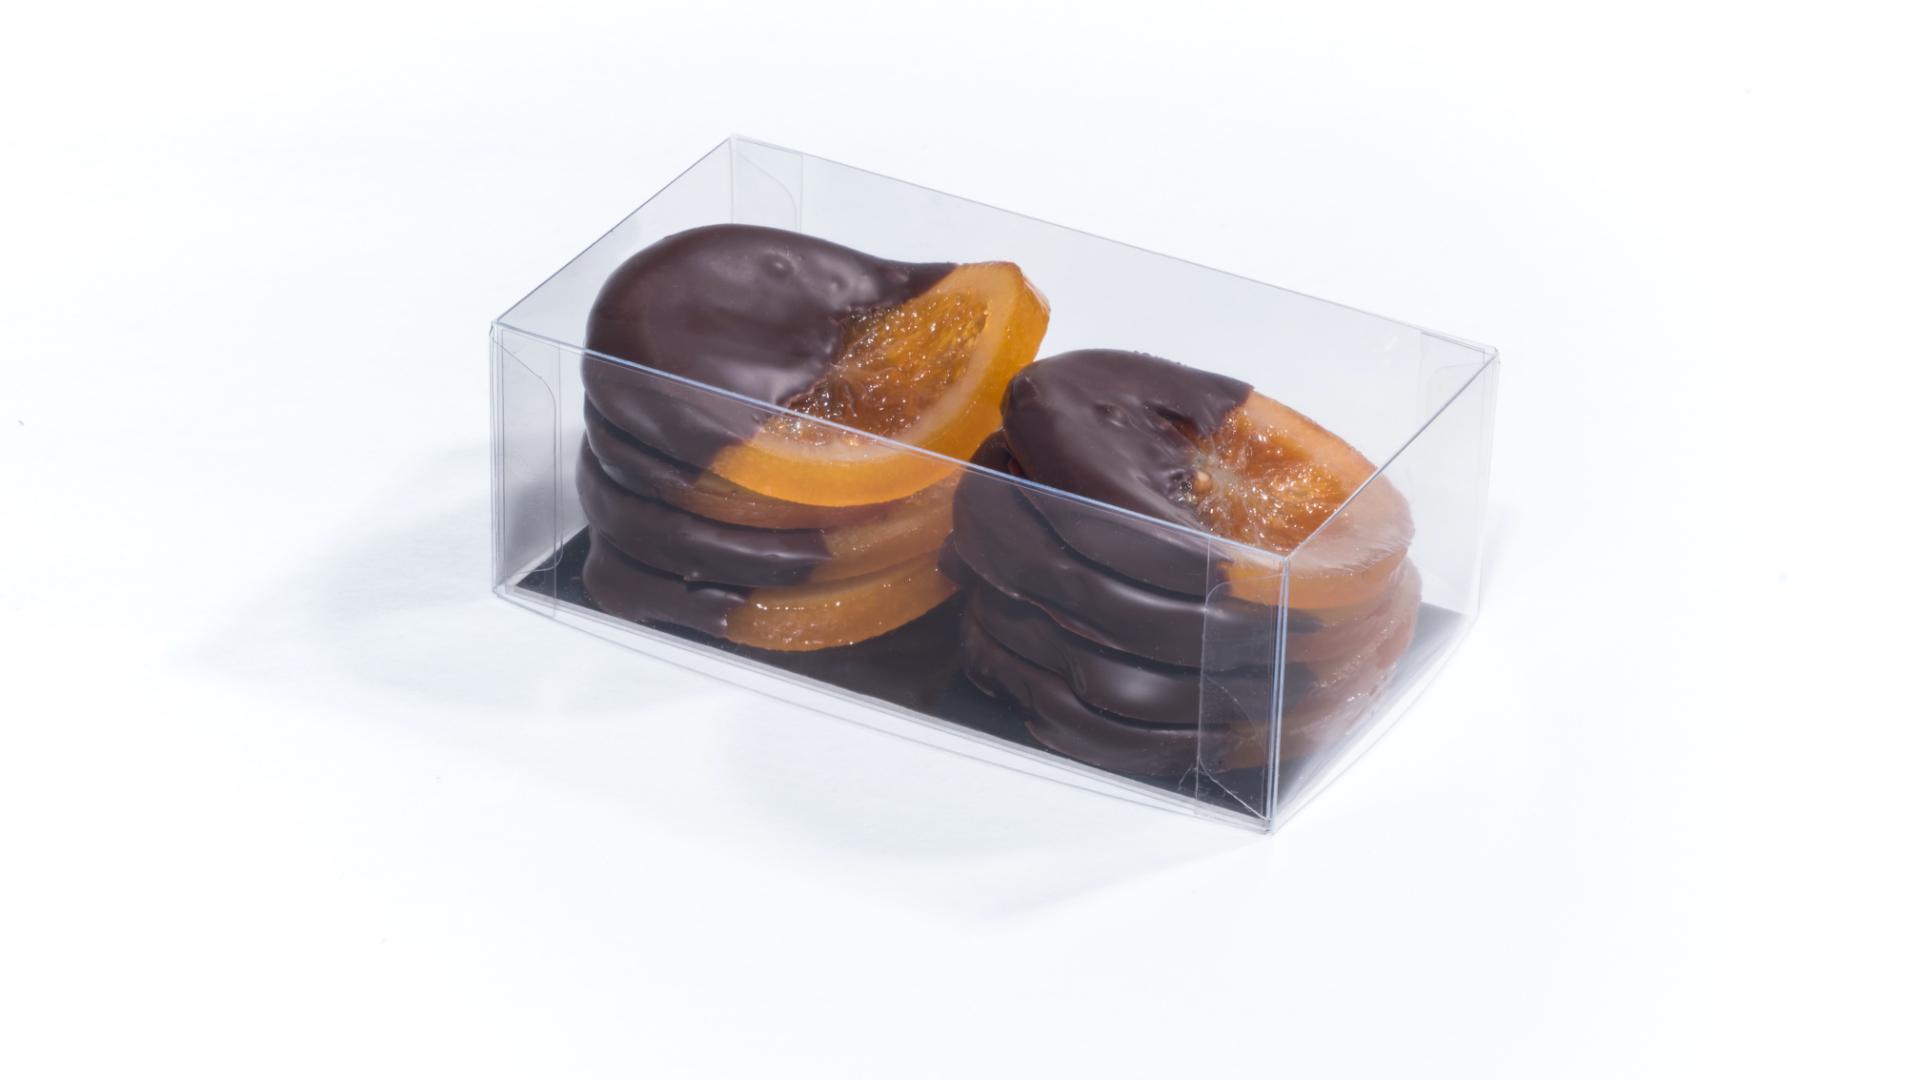 Snoepverpakkingen   Verpakkingen voor snoep   Verpakkingen voor snoepgoed